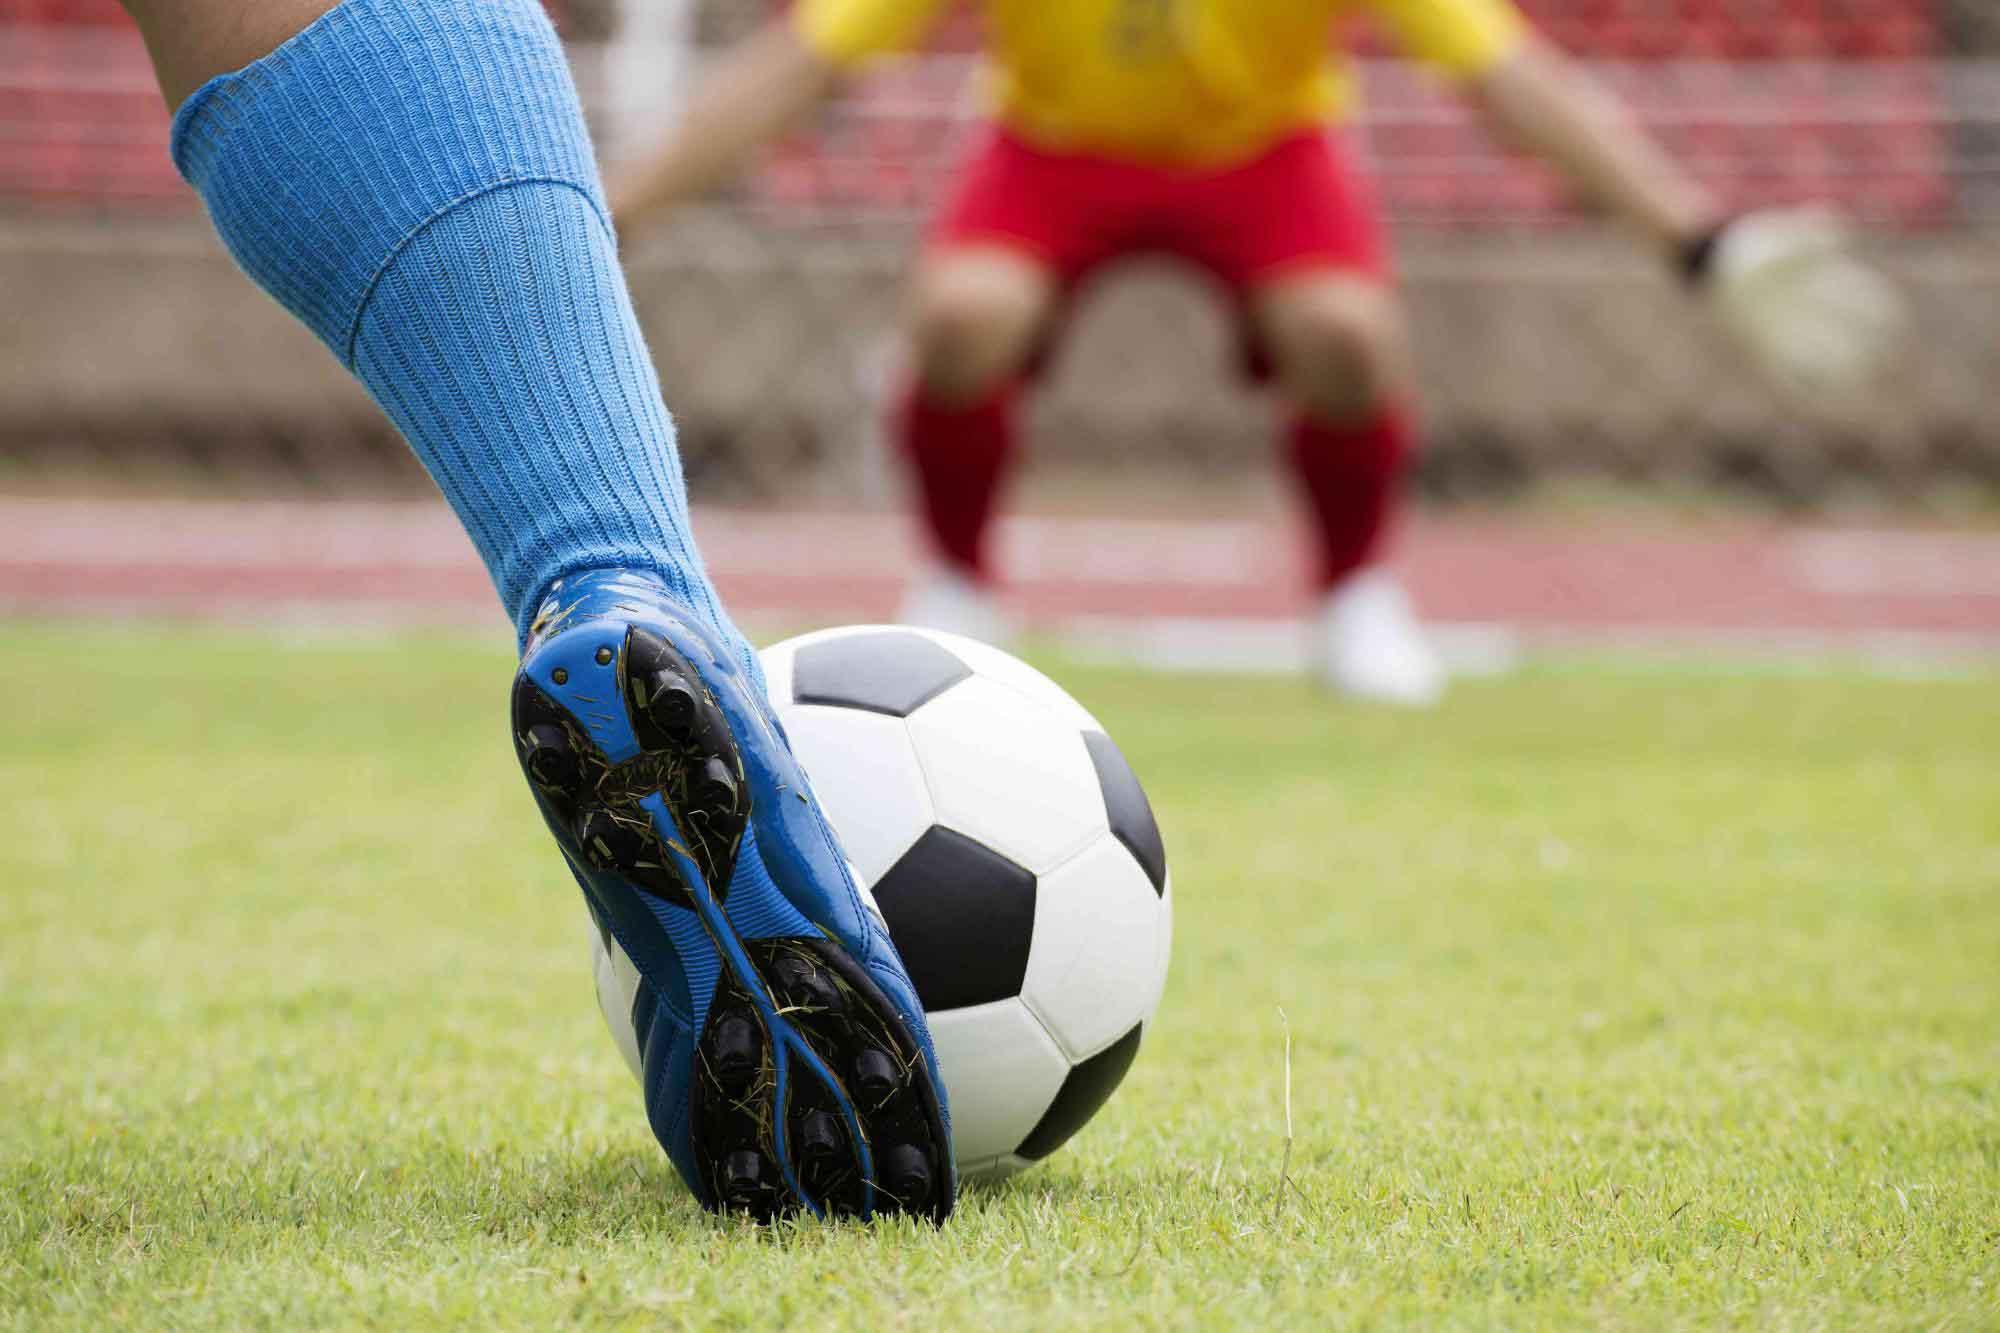 Fudbala ima da se probere